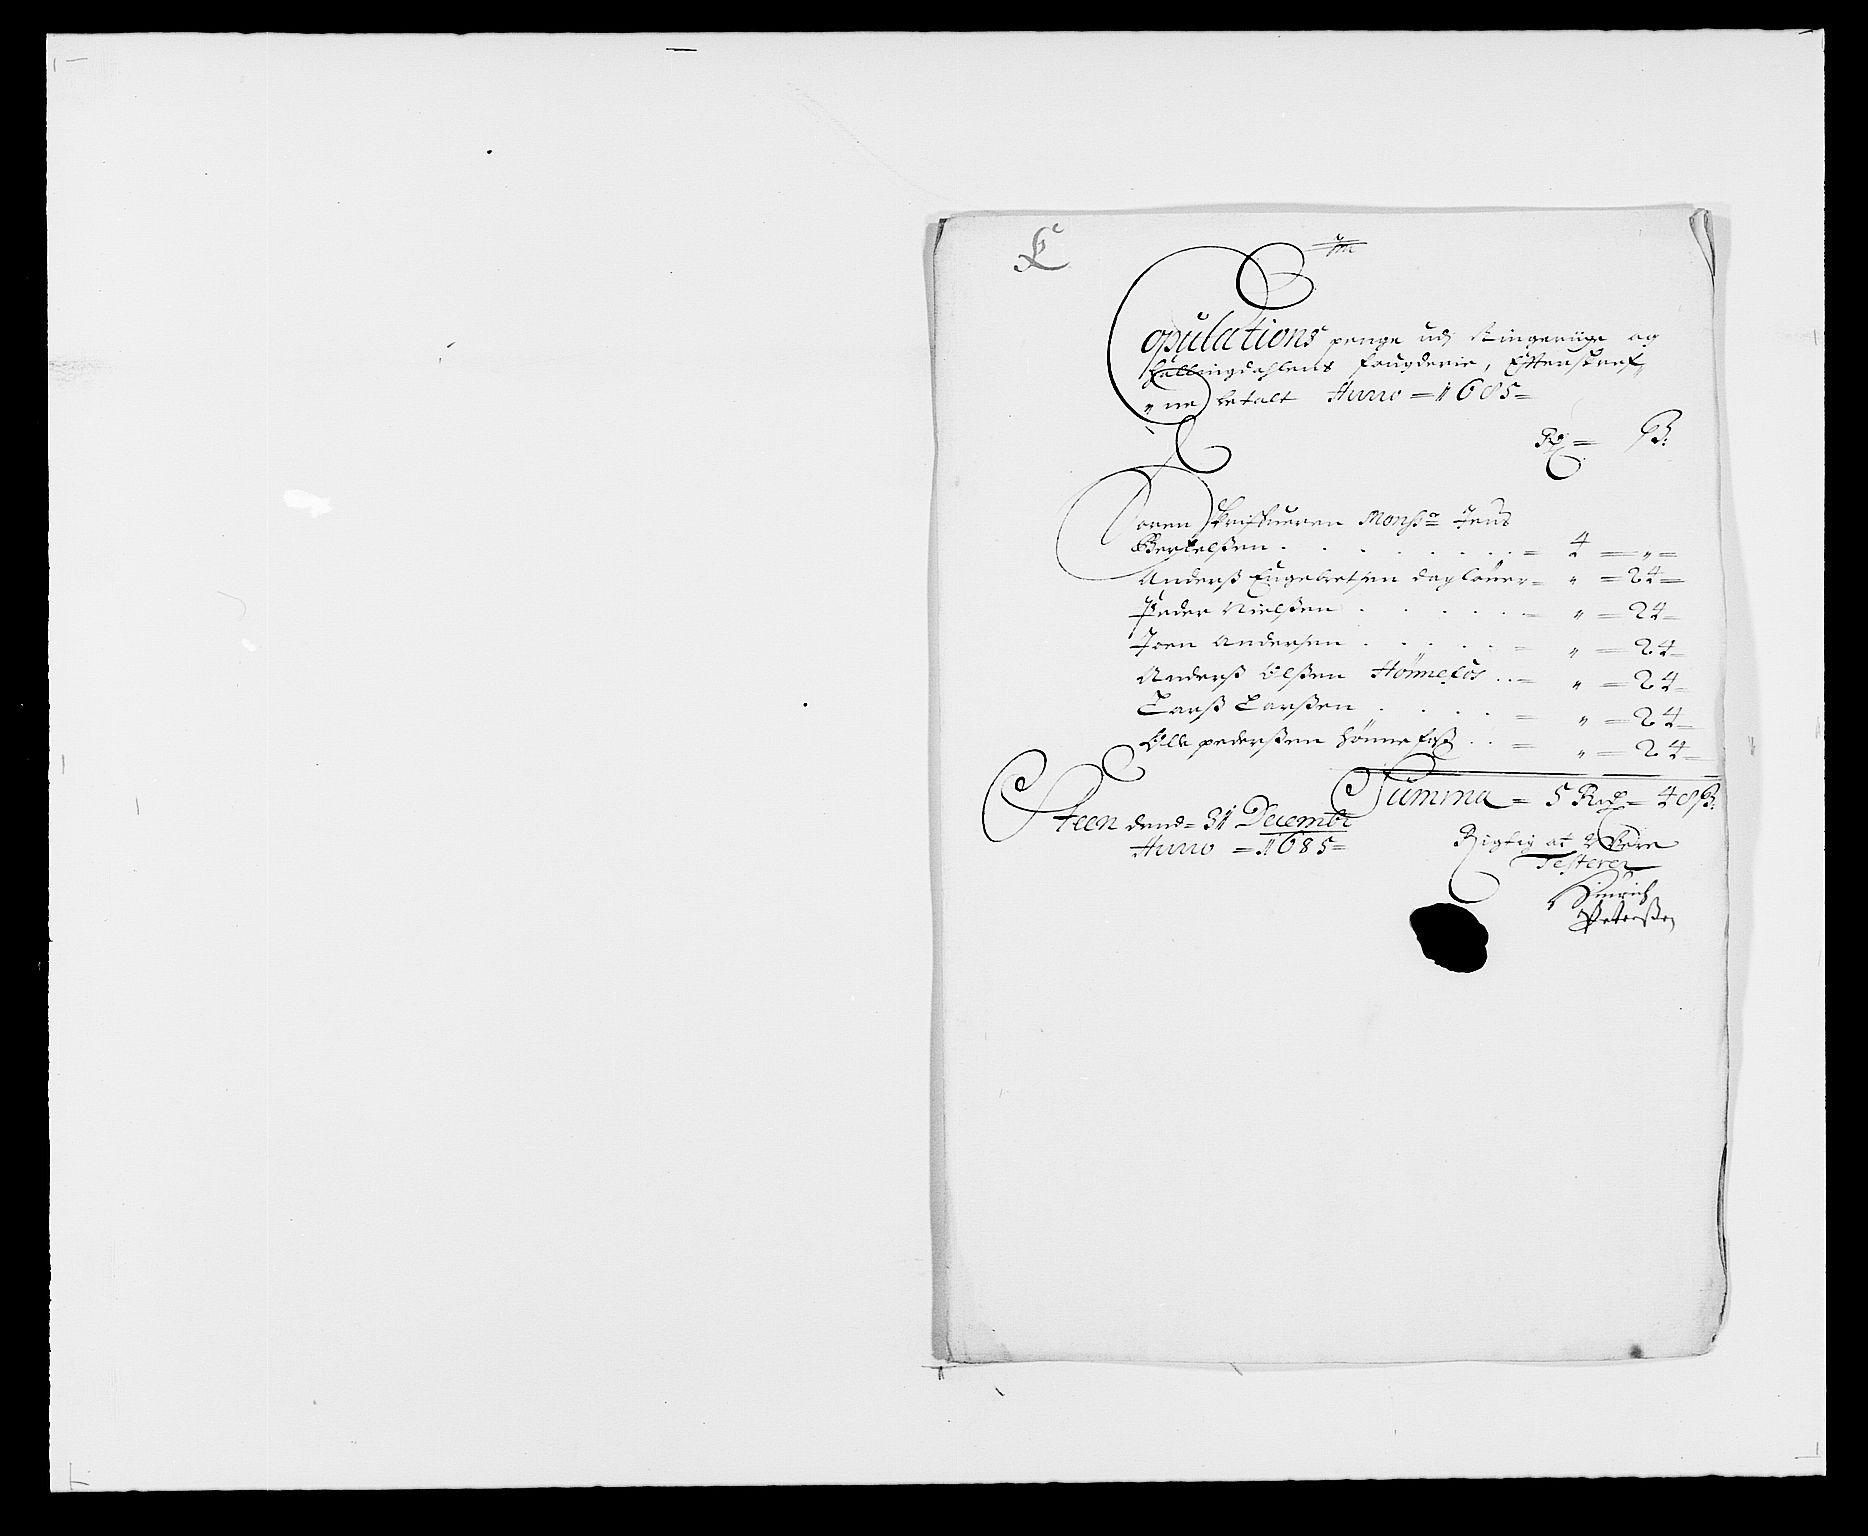 RA, Rentekammeret inntil 1814, Reviderte regnskaper, Fogderegnskap, R21/L1446: Fogderegnskap Ringerike og Hallingdal, 1683-1686, s. 386